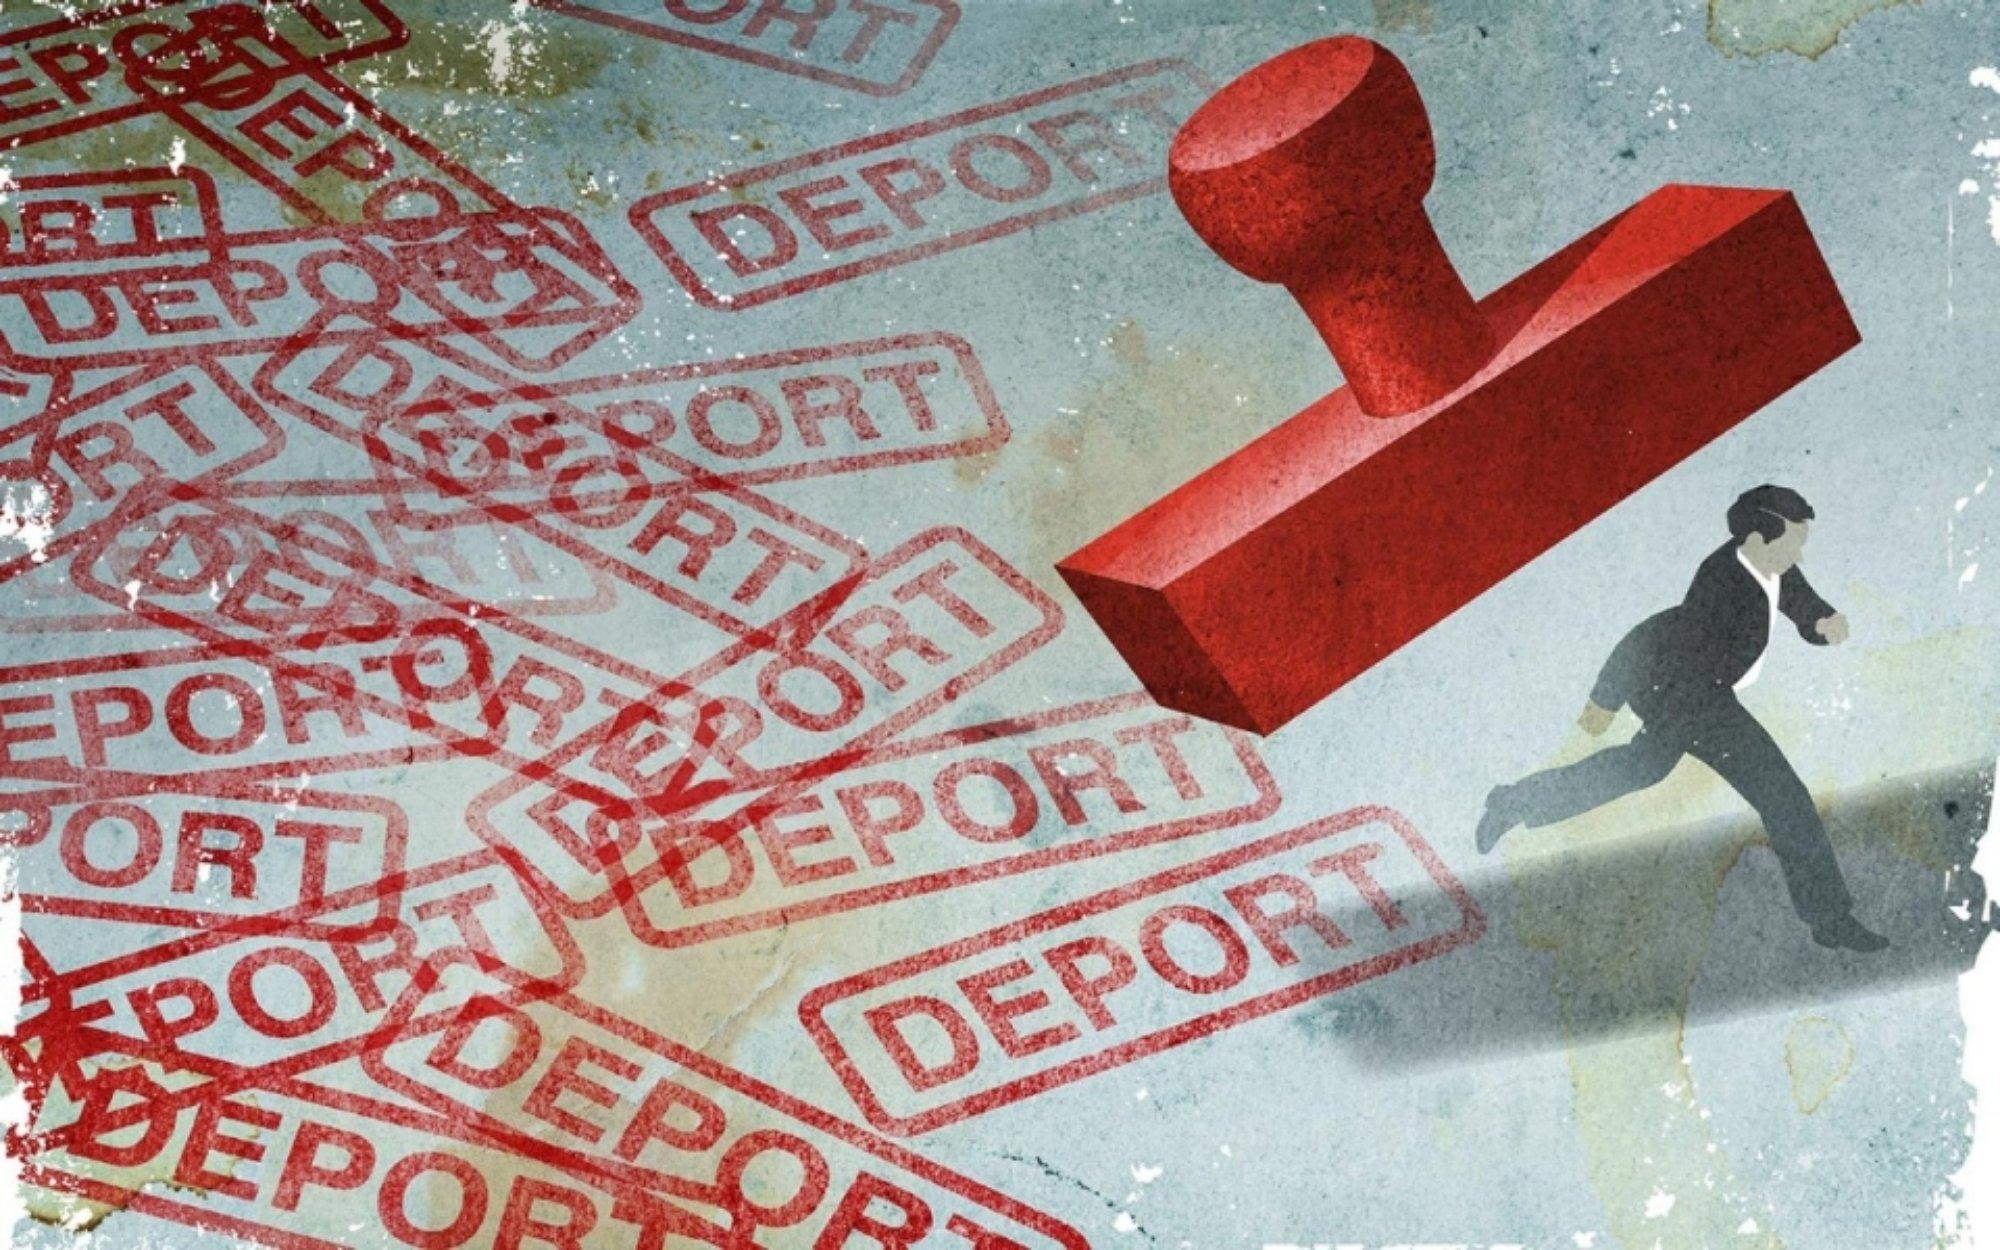 Словаччина в адміністративному порядку видворила з території країни 23 нелегальних заробітчан.